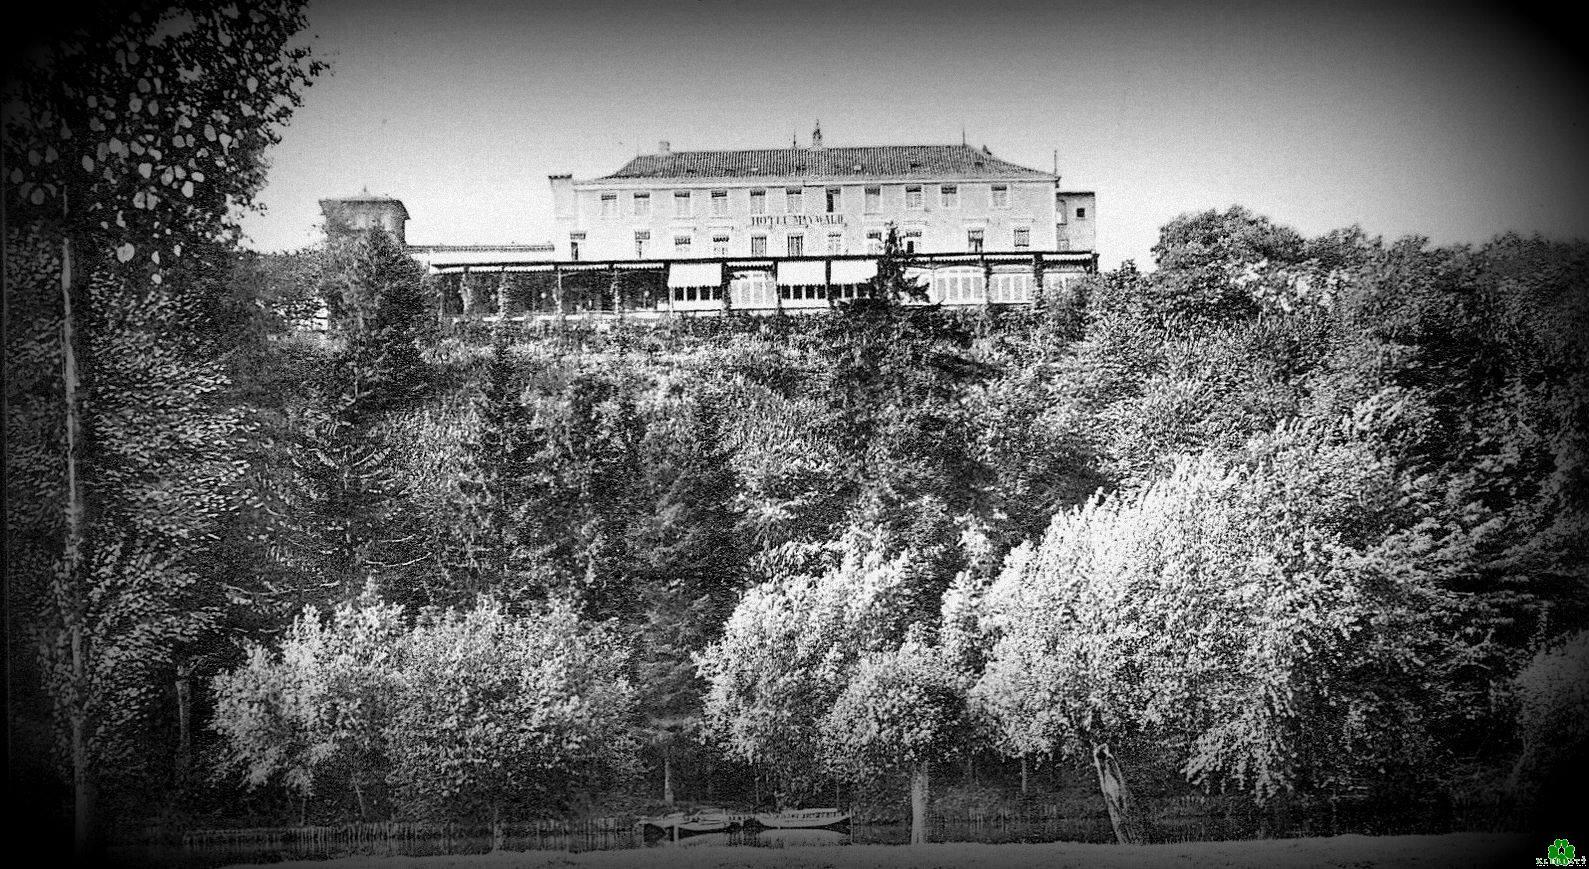 Hotel Maywald im Frühlingsrausch